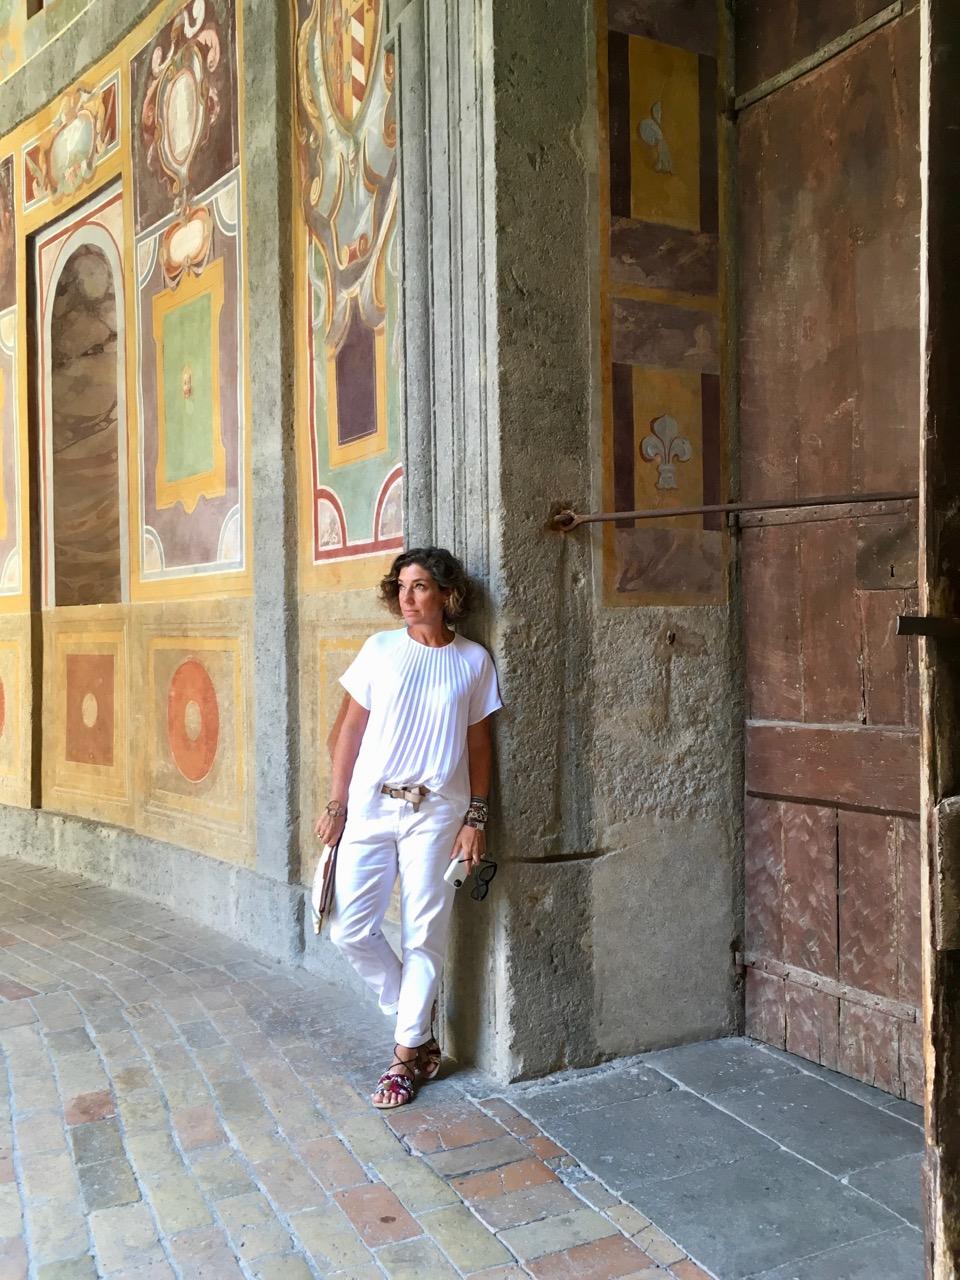 Palazzo Farnese em Caprarola, um palácio de conto de fadas!